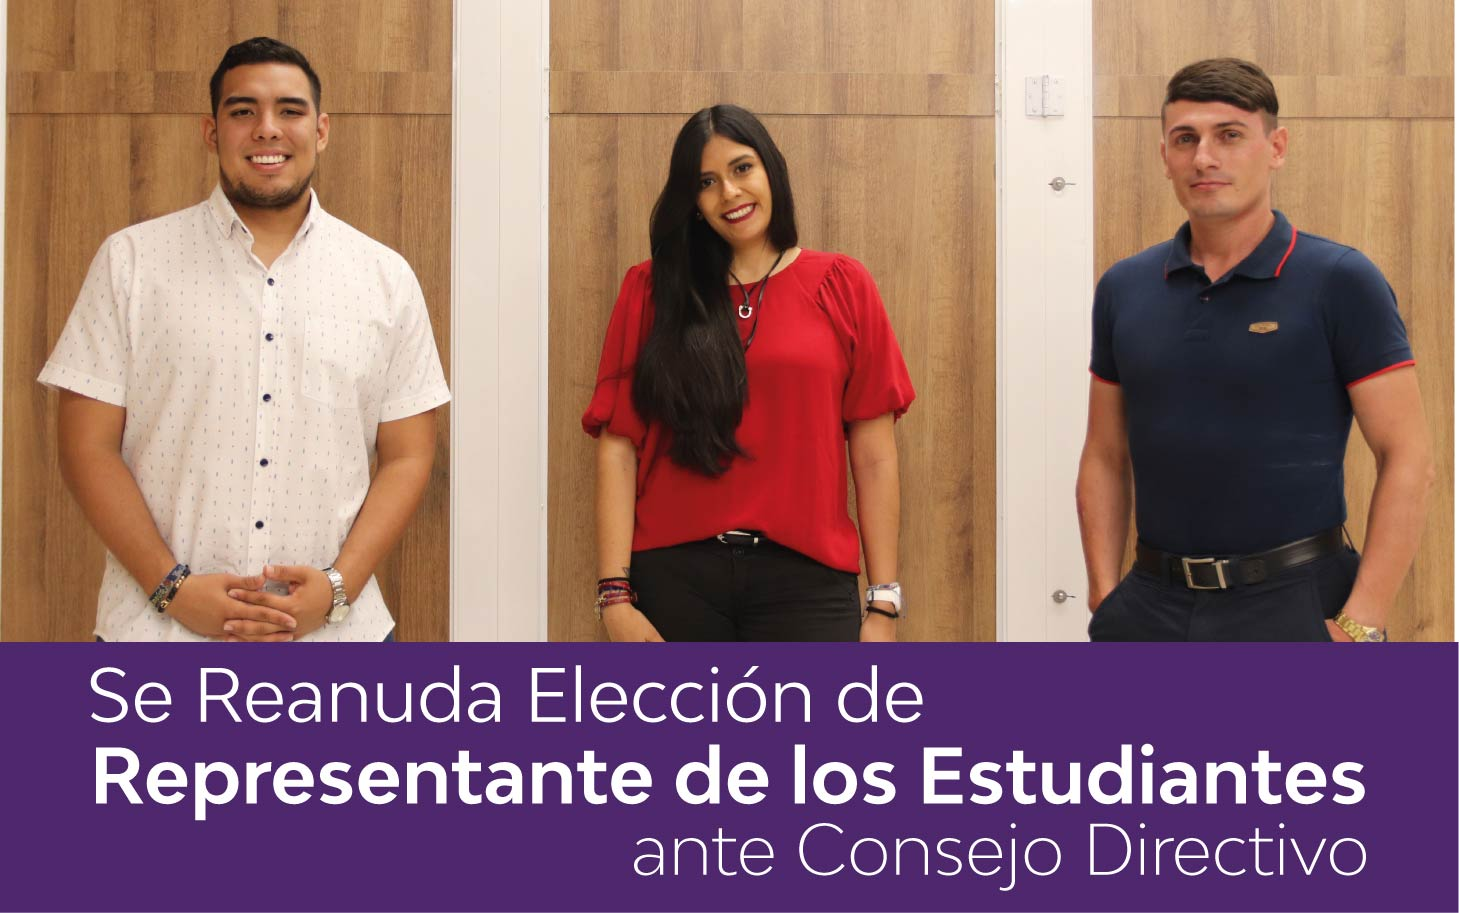 Se reanuda elección de representante de los estudiantes ante consejo directivo